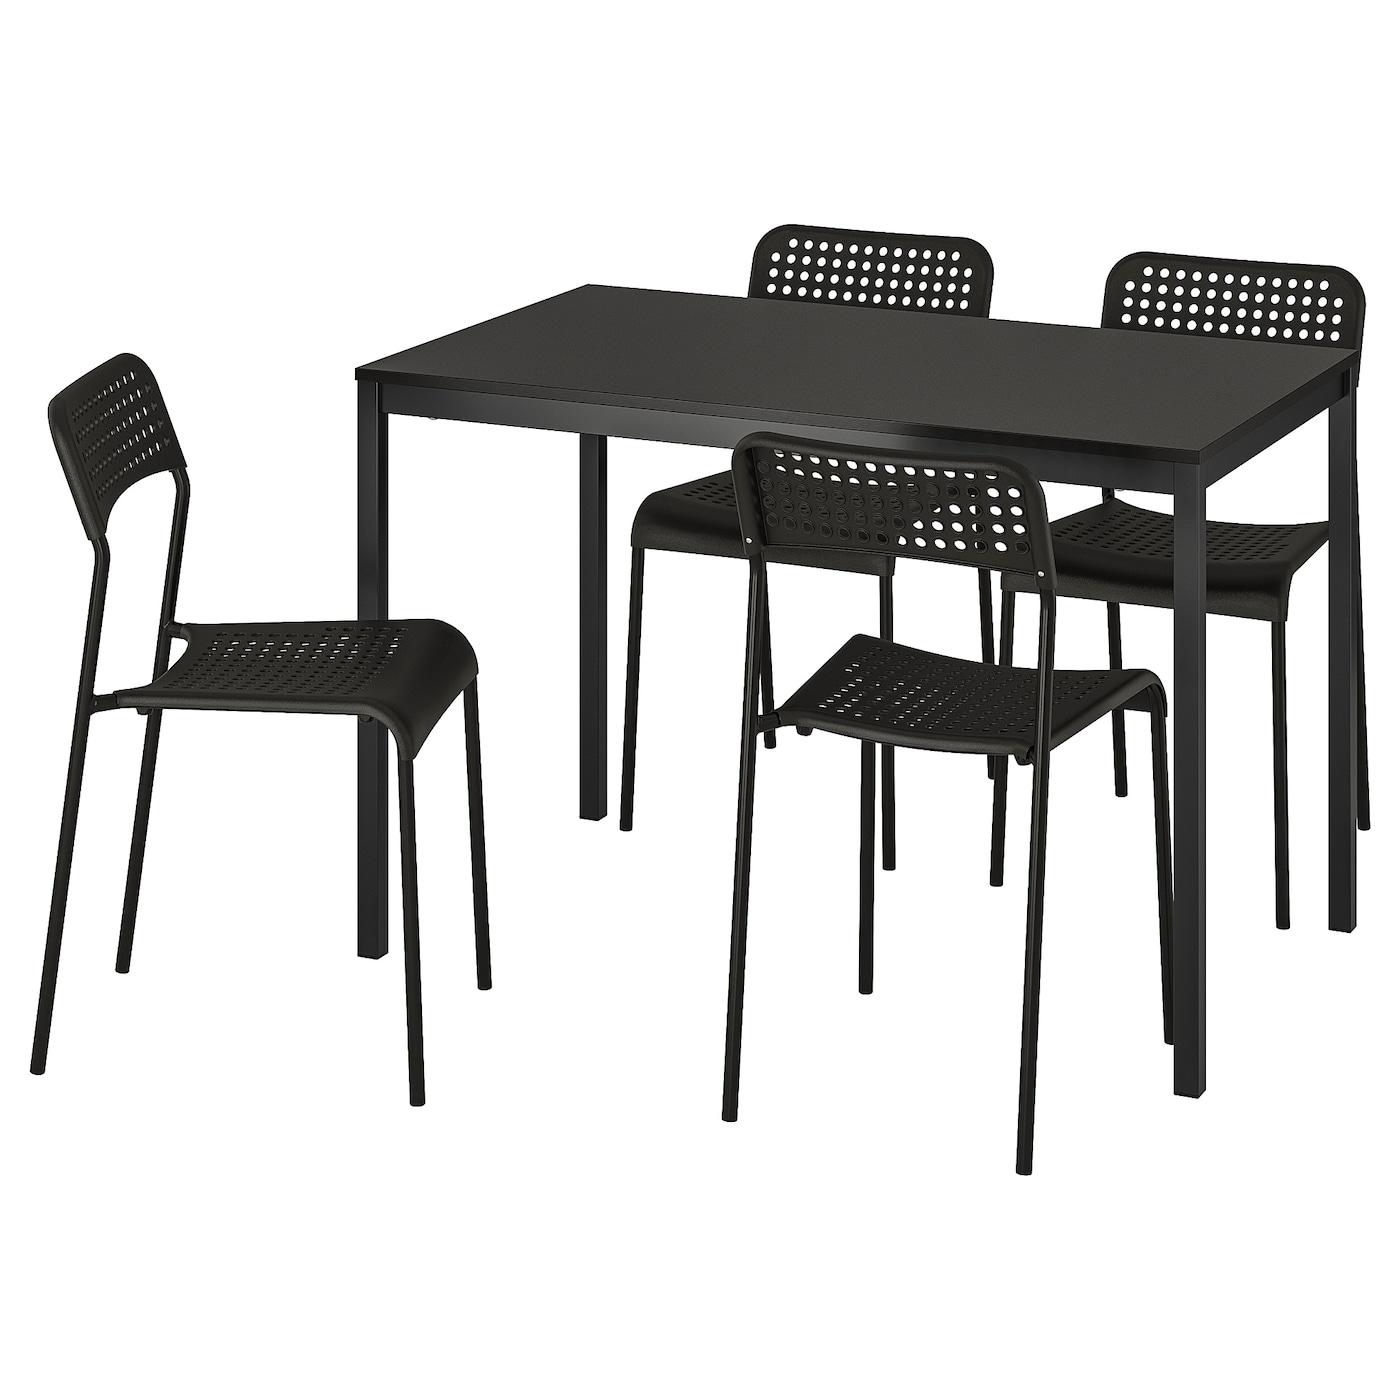 TÄRENDÖ / ADDE Tisch und 4 Stühle